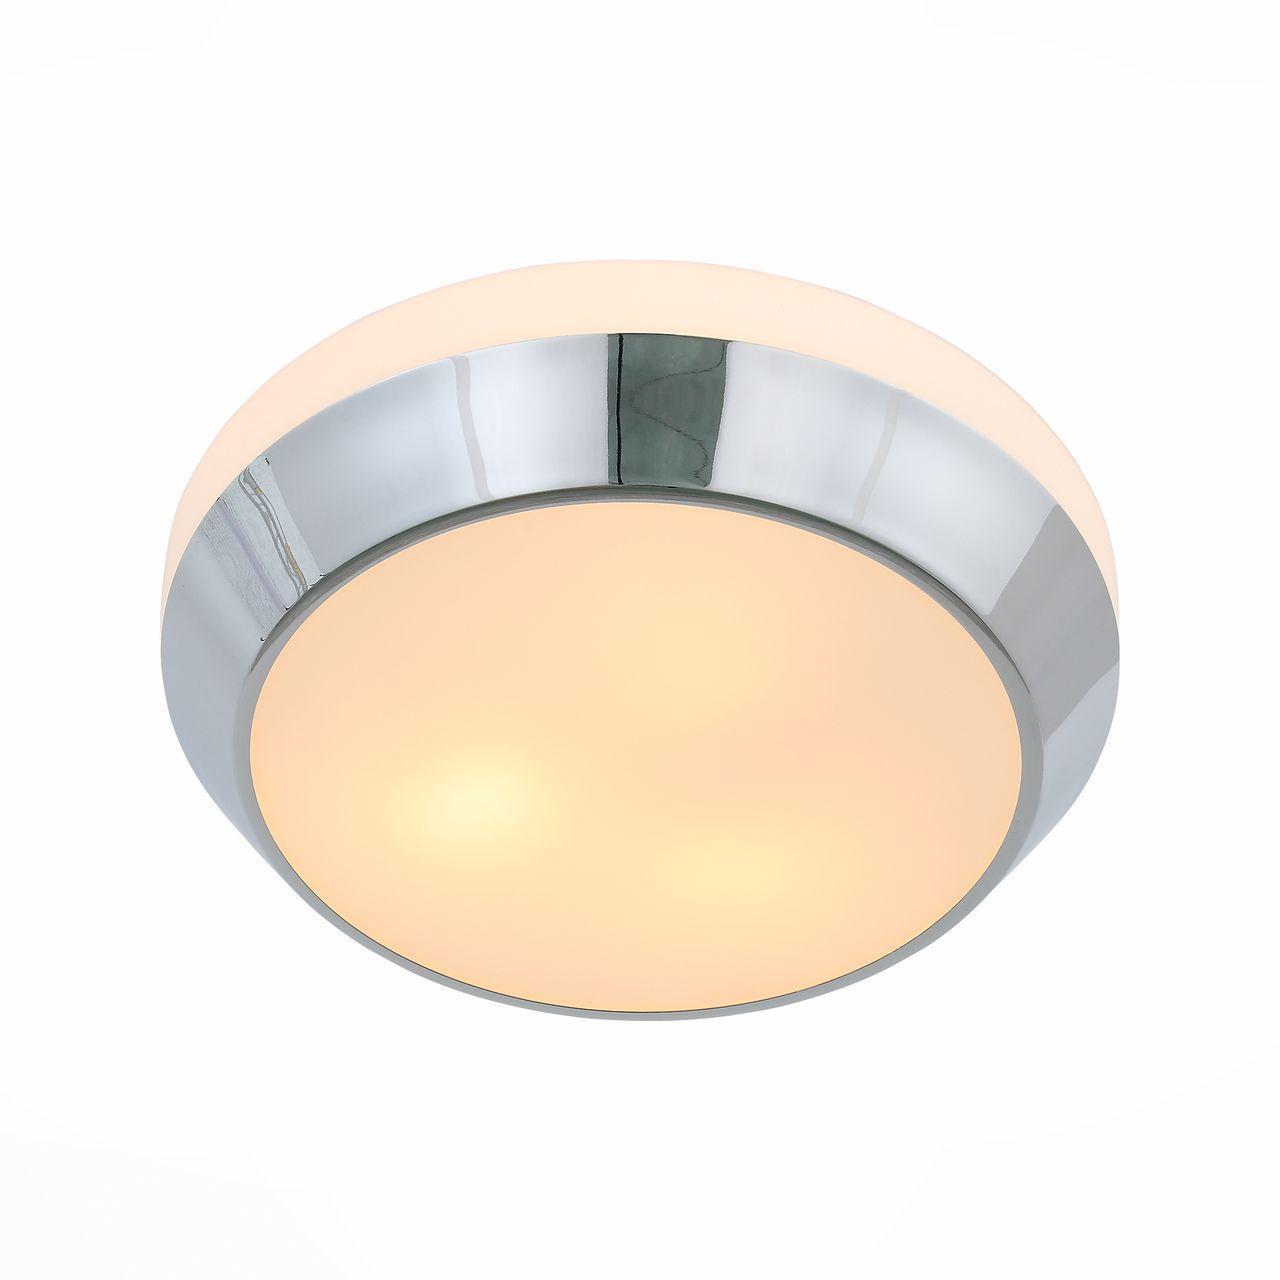 Потолочный светильник ST Luce Bagno SL469.502.02 fst st 3540